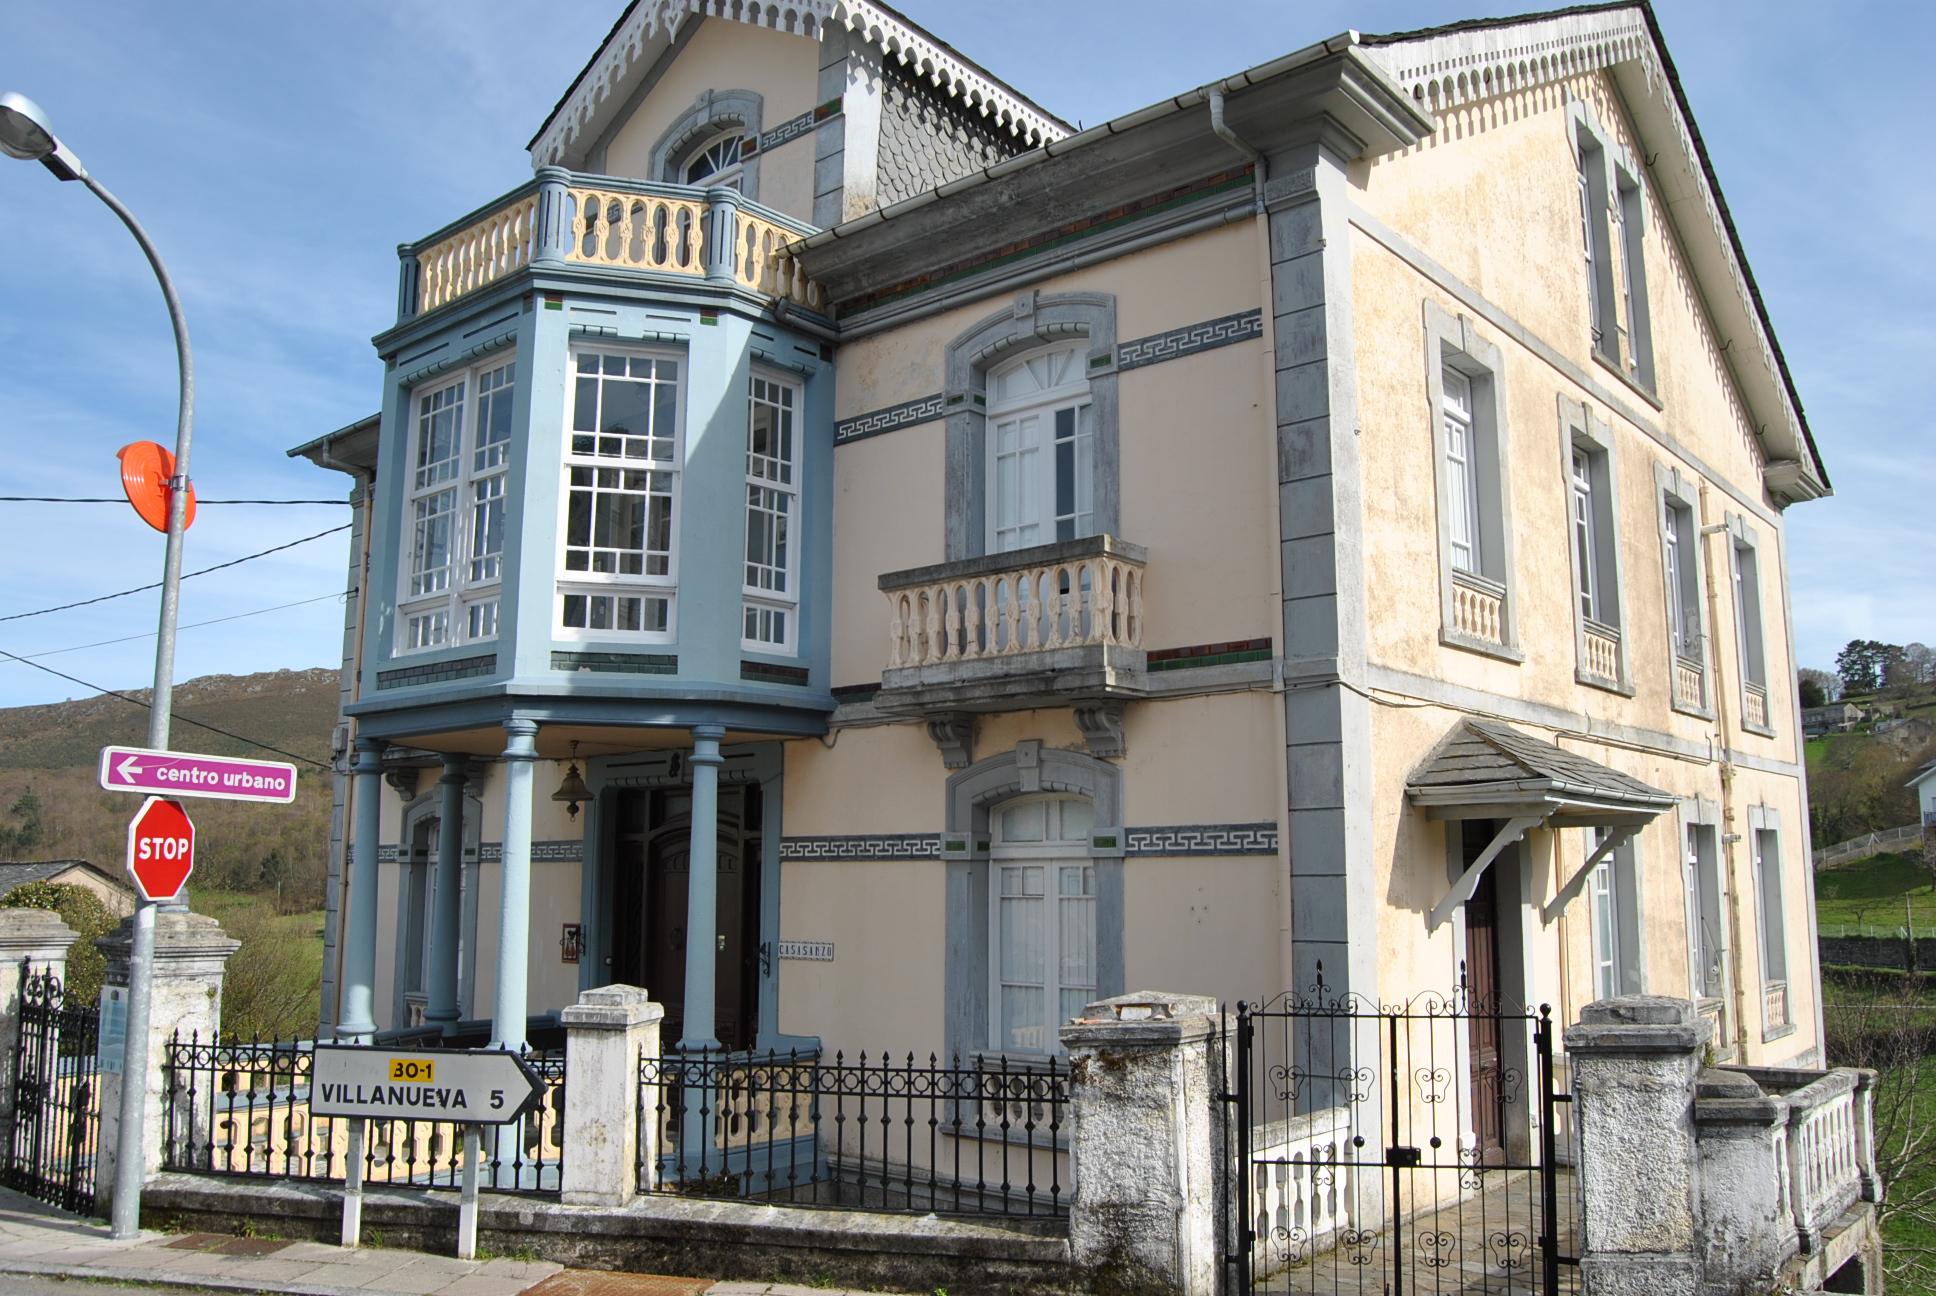 Casa Sanzo